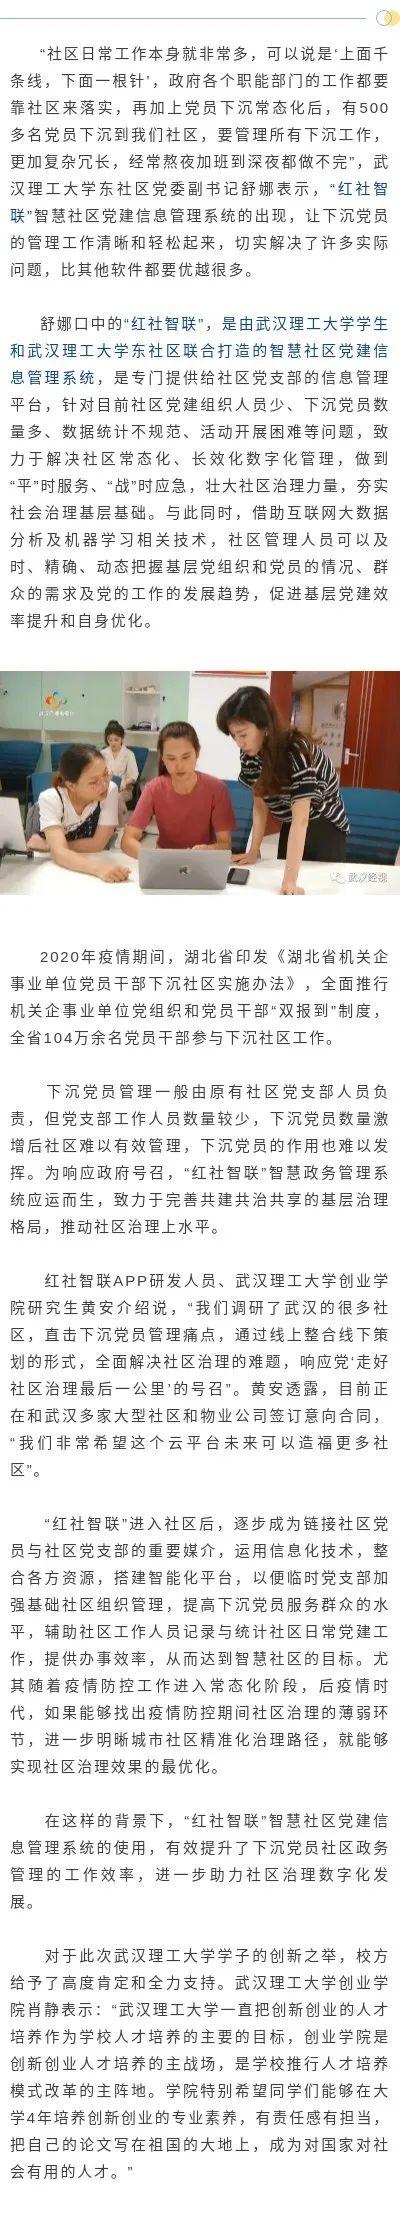 红社智联!武汉理工学子打造智慧社区党建管理系统